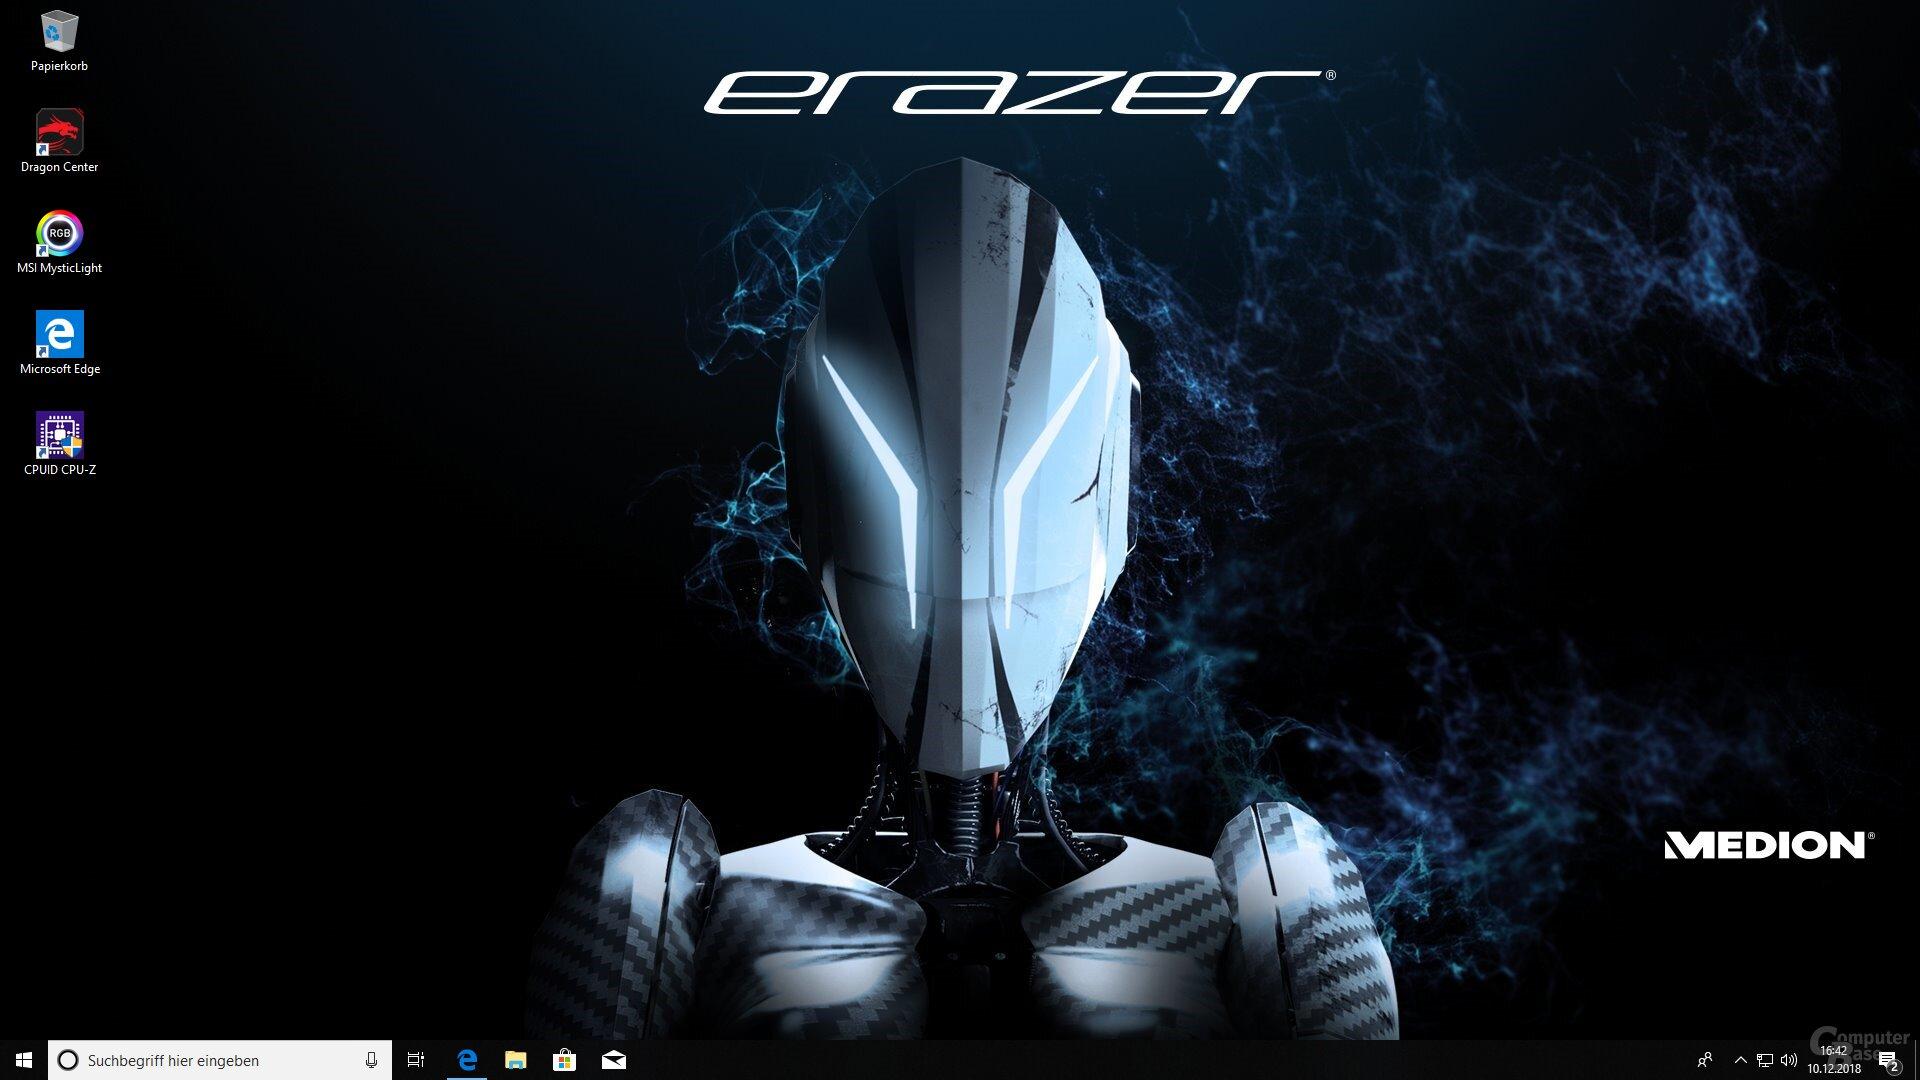 Der Desktop nach dem ersten Start